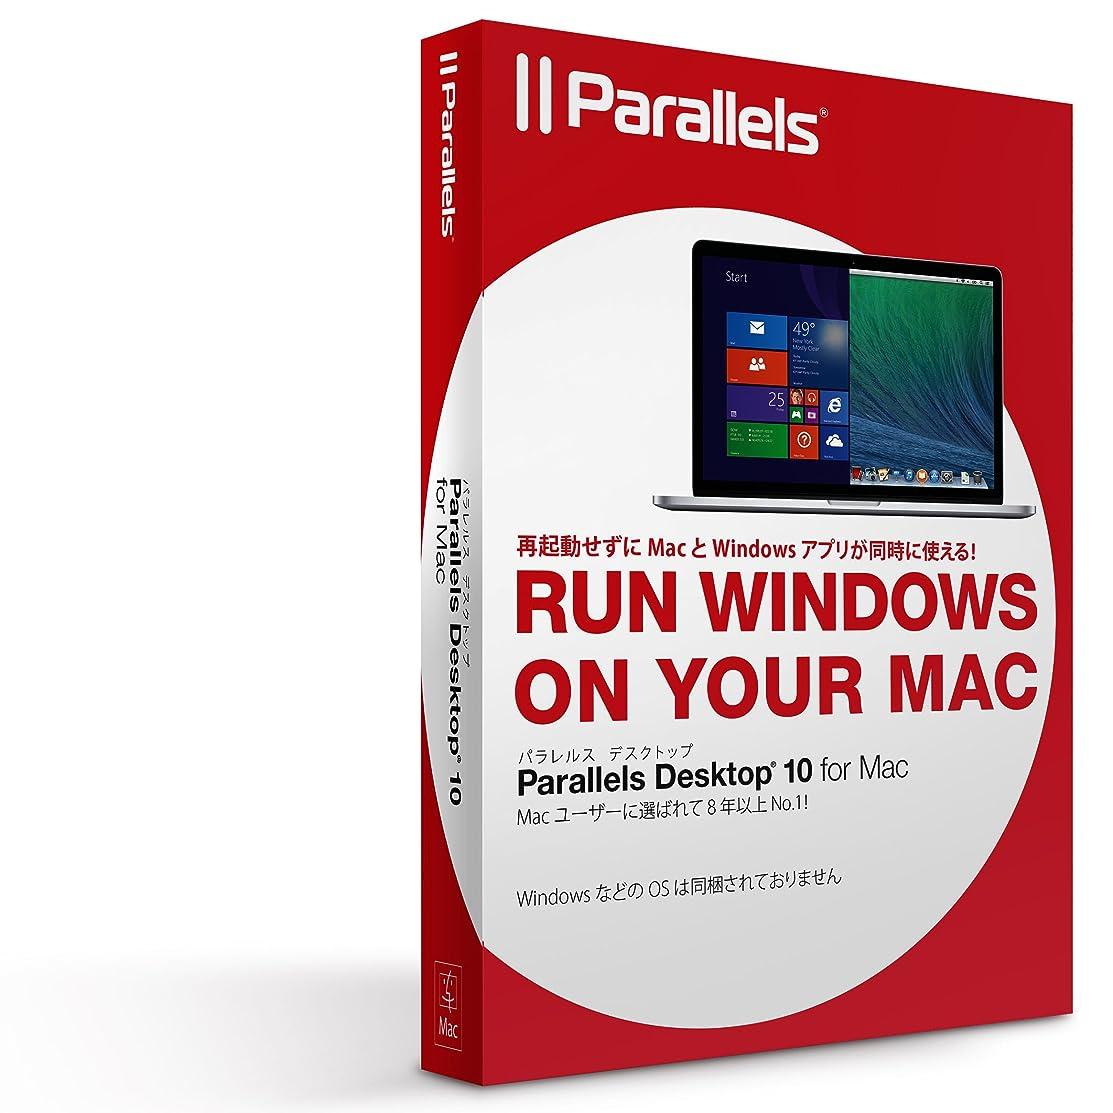 出会い侮辱不適当Parallels Desktop 10 for Mac Retail Box JP